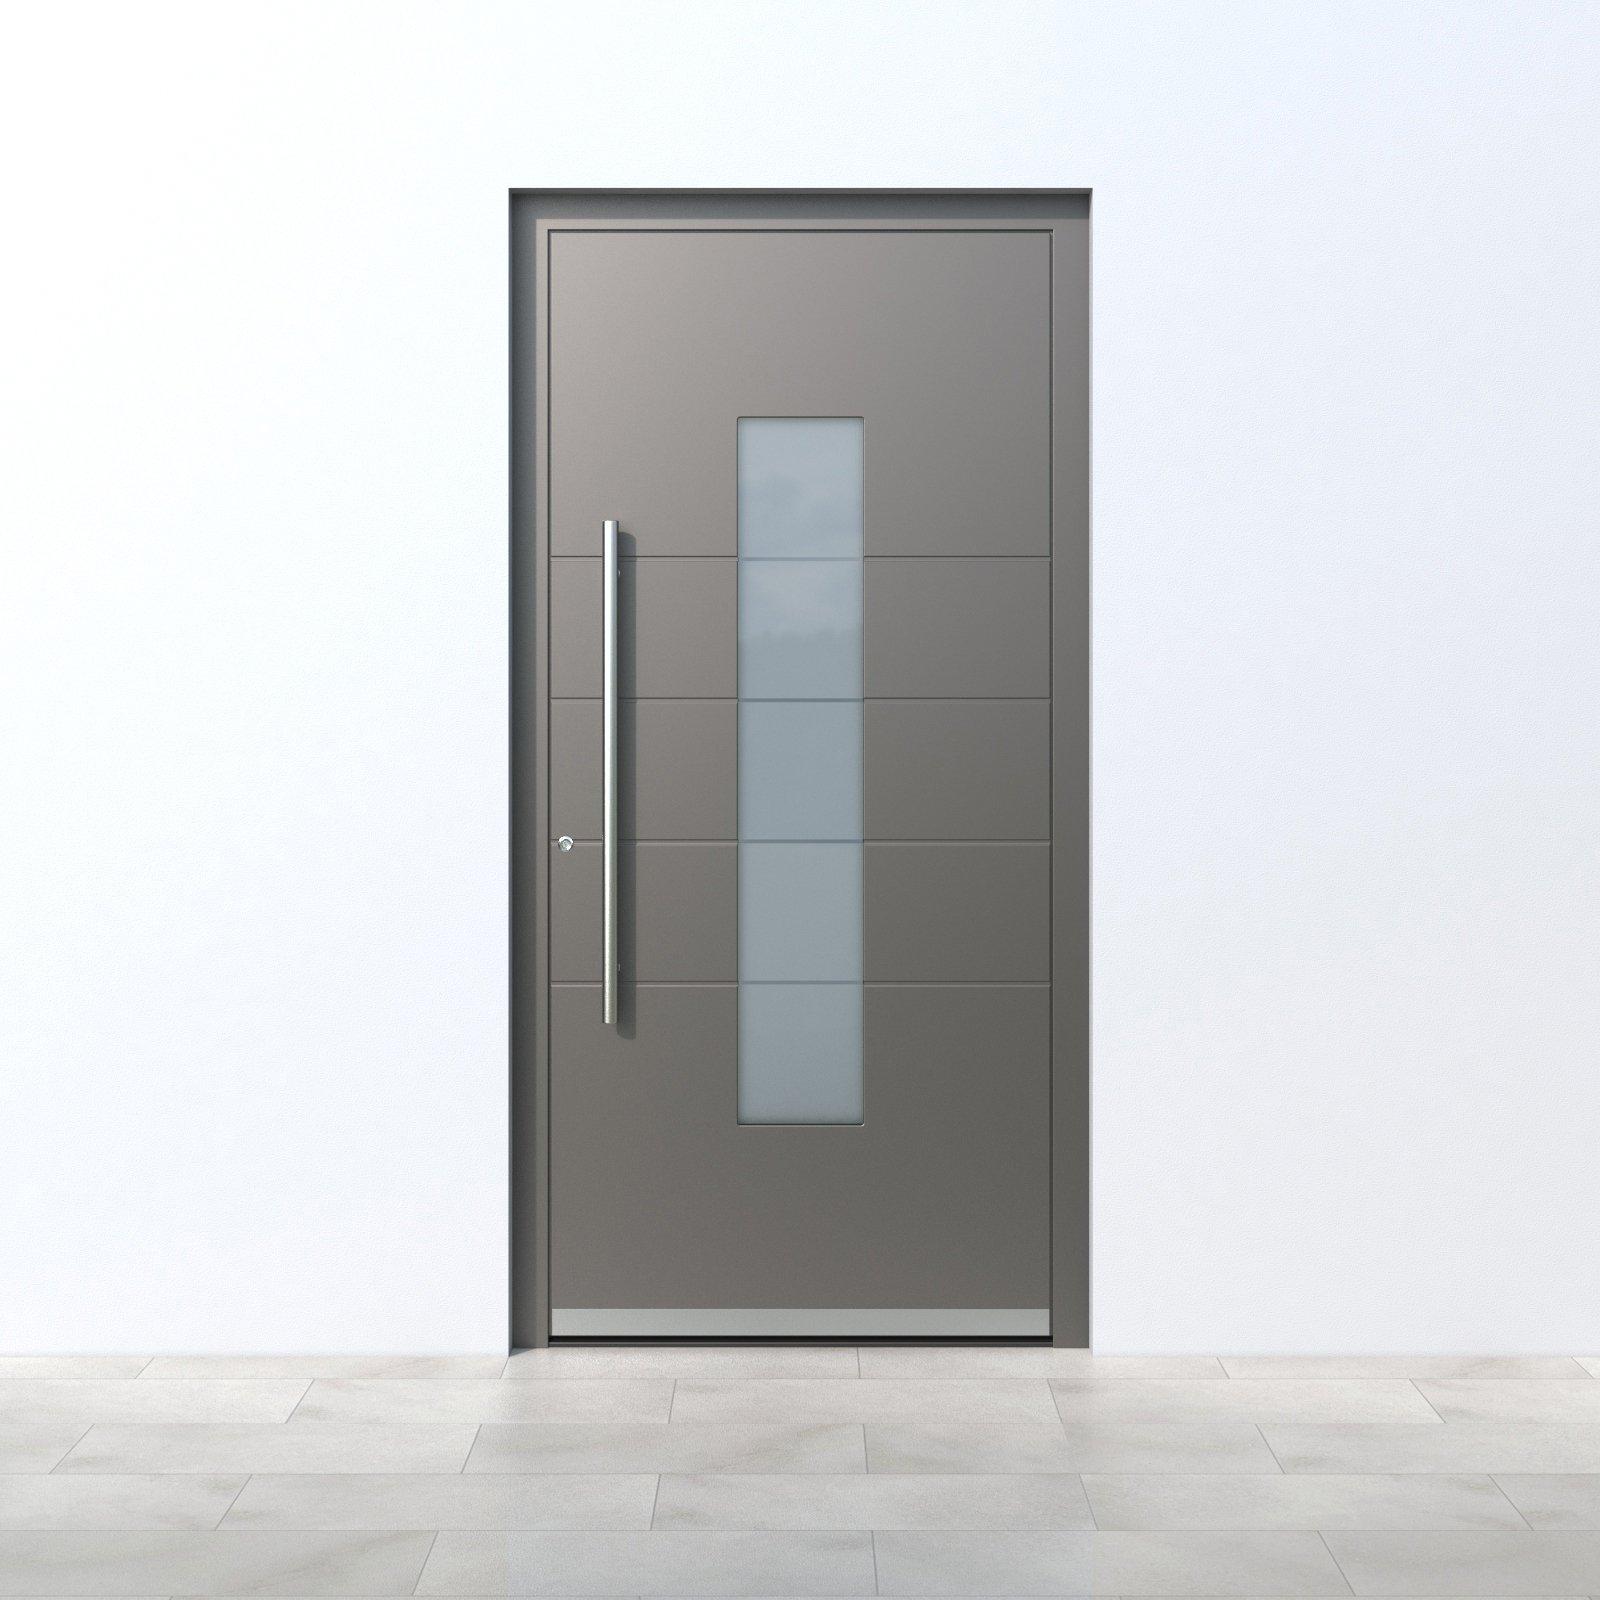 Pirnar_Quantum_QB50-standard Haustüren